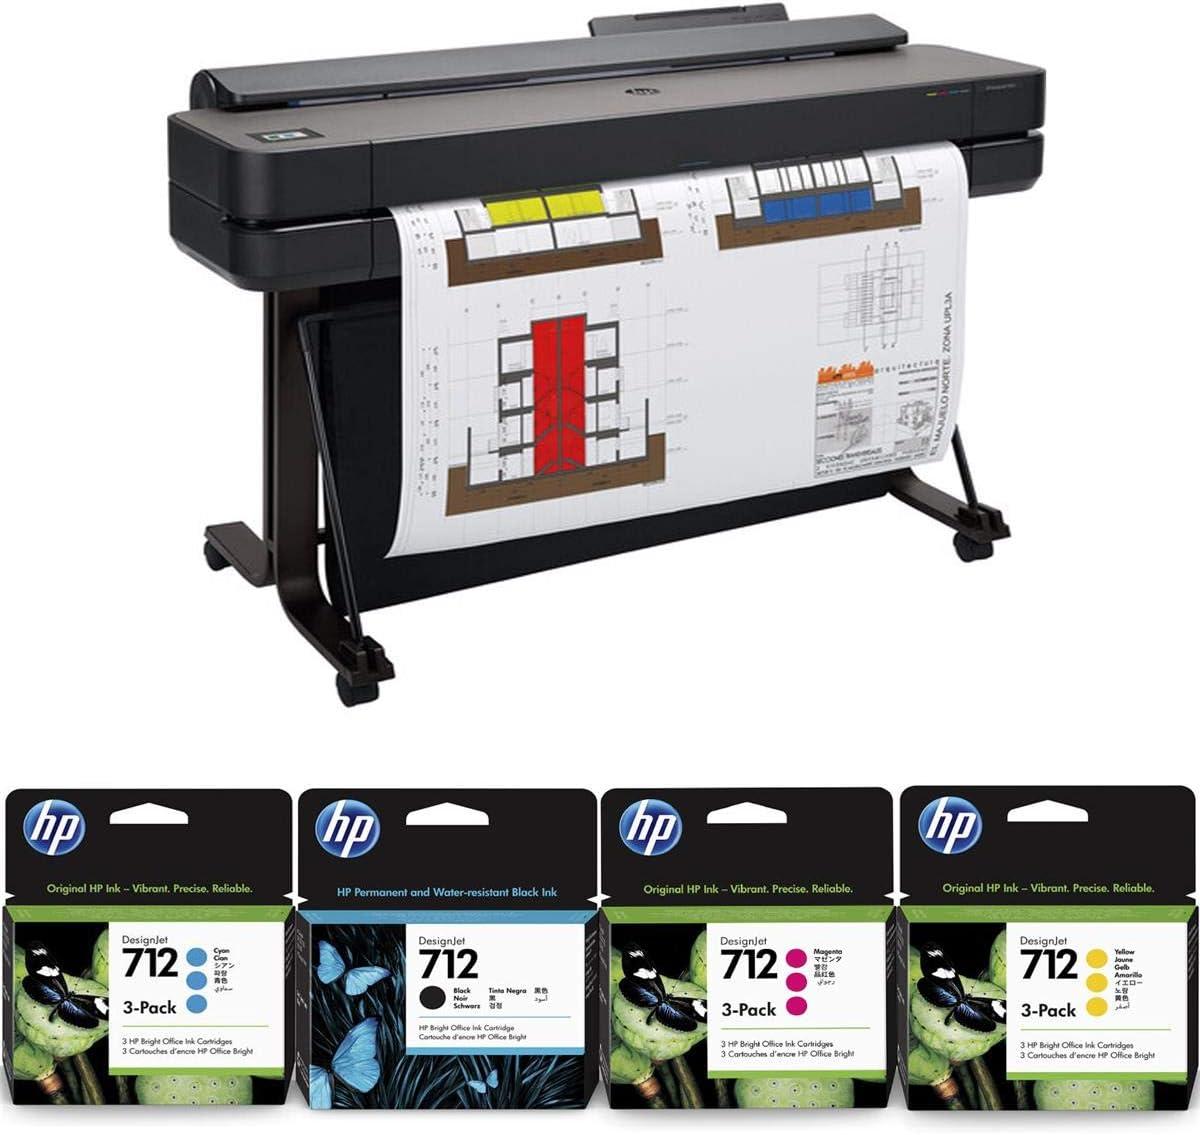 HP DesignJet T650 Large Format Printer, 36